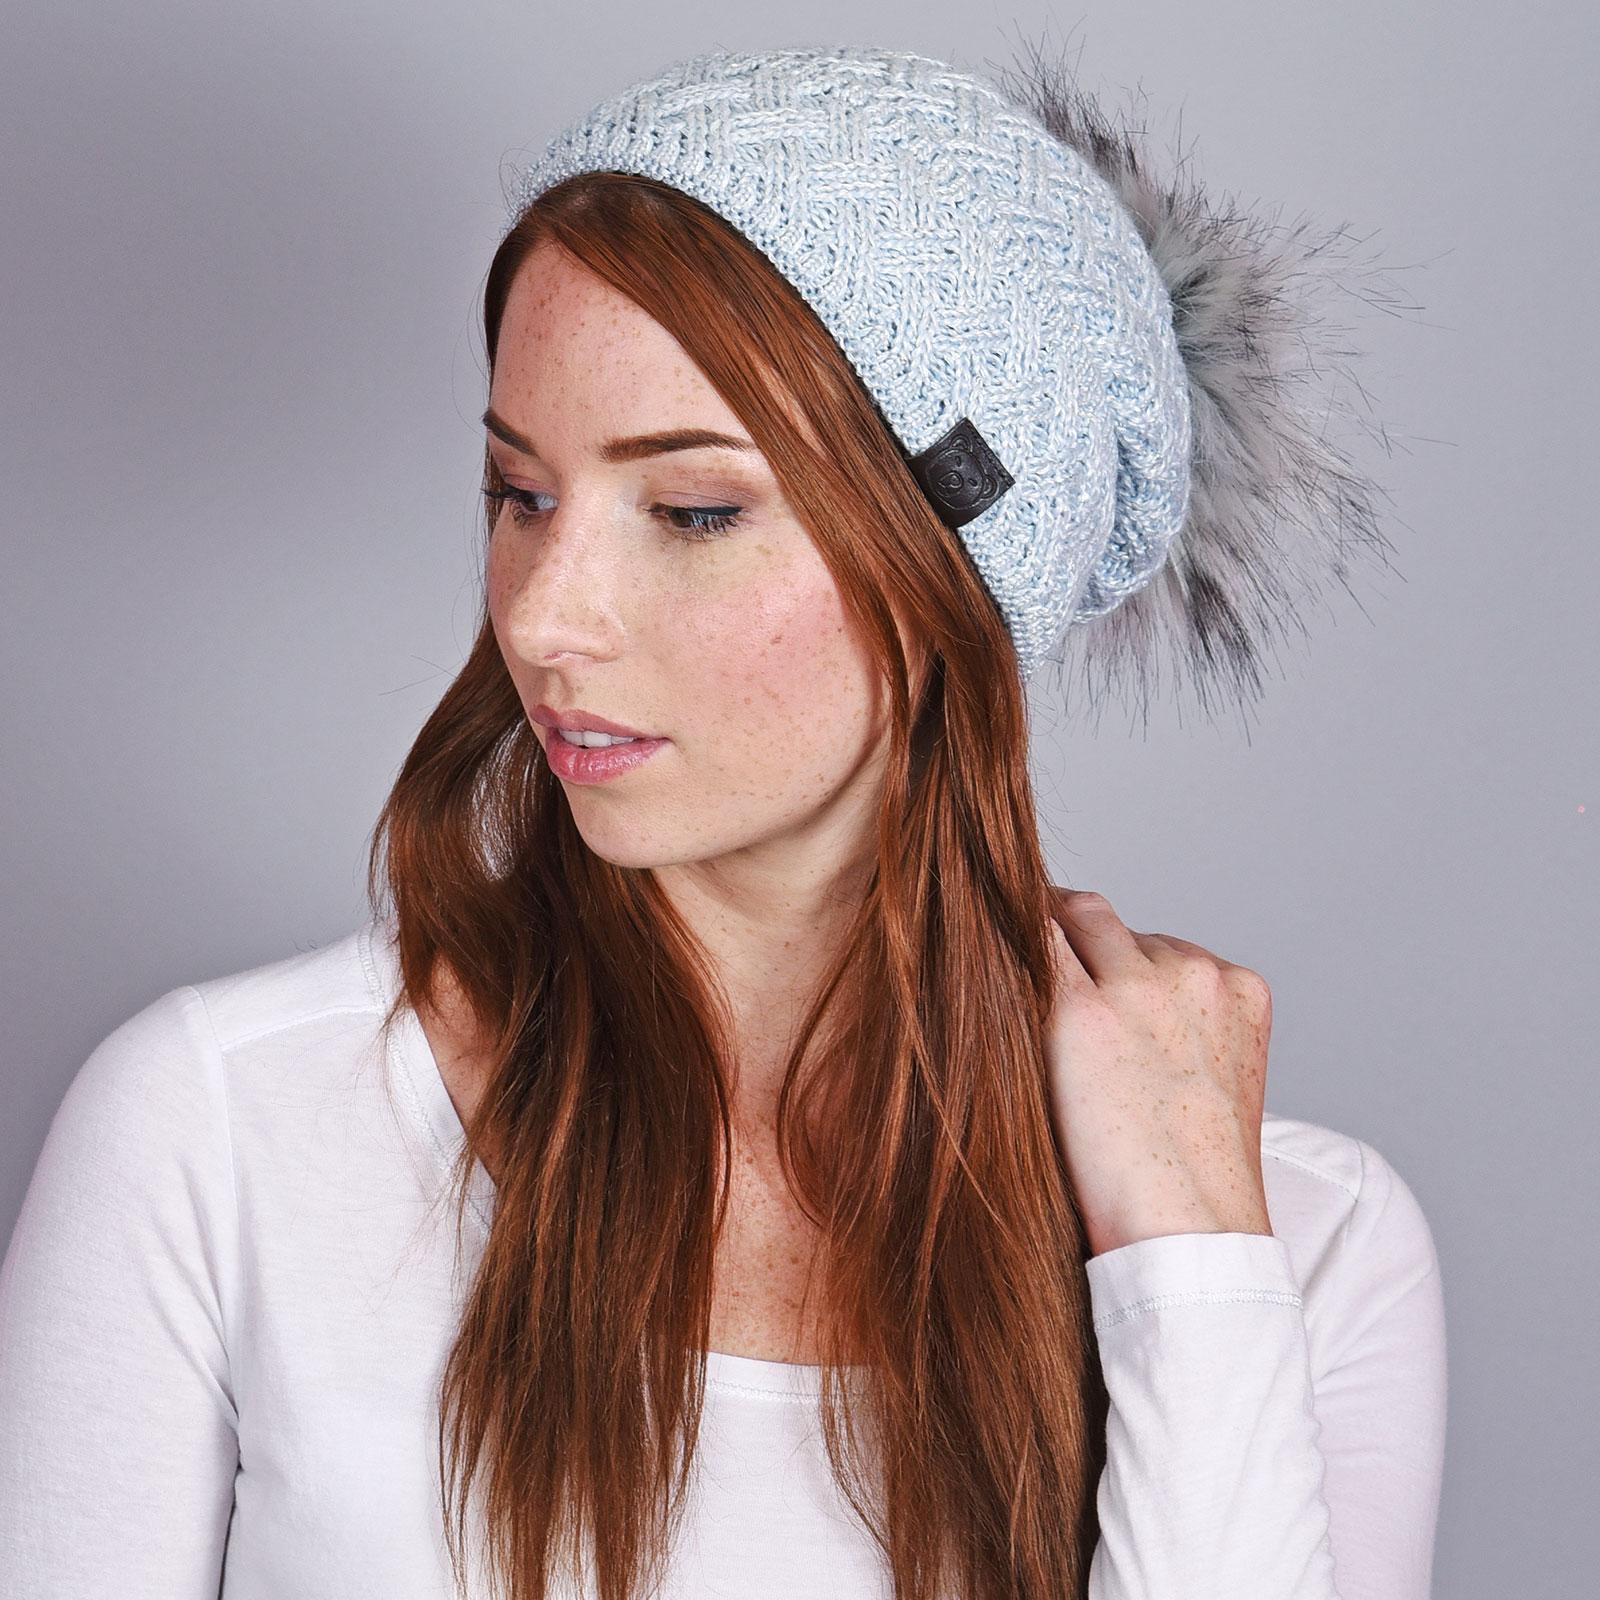 CP-01031-VF16-1-bonnet-femme-pompon-bleu-ciel